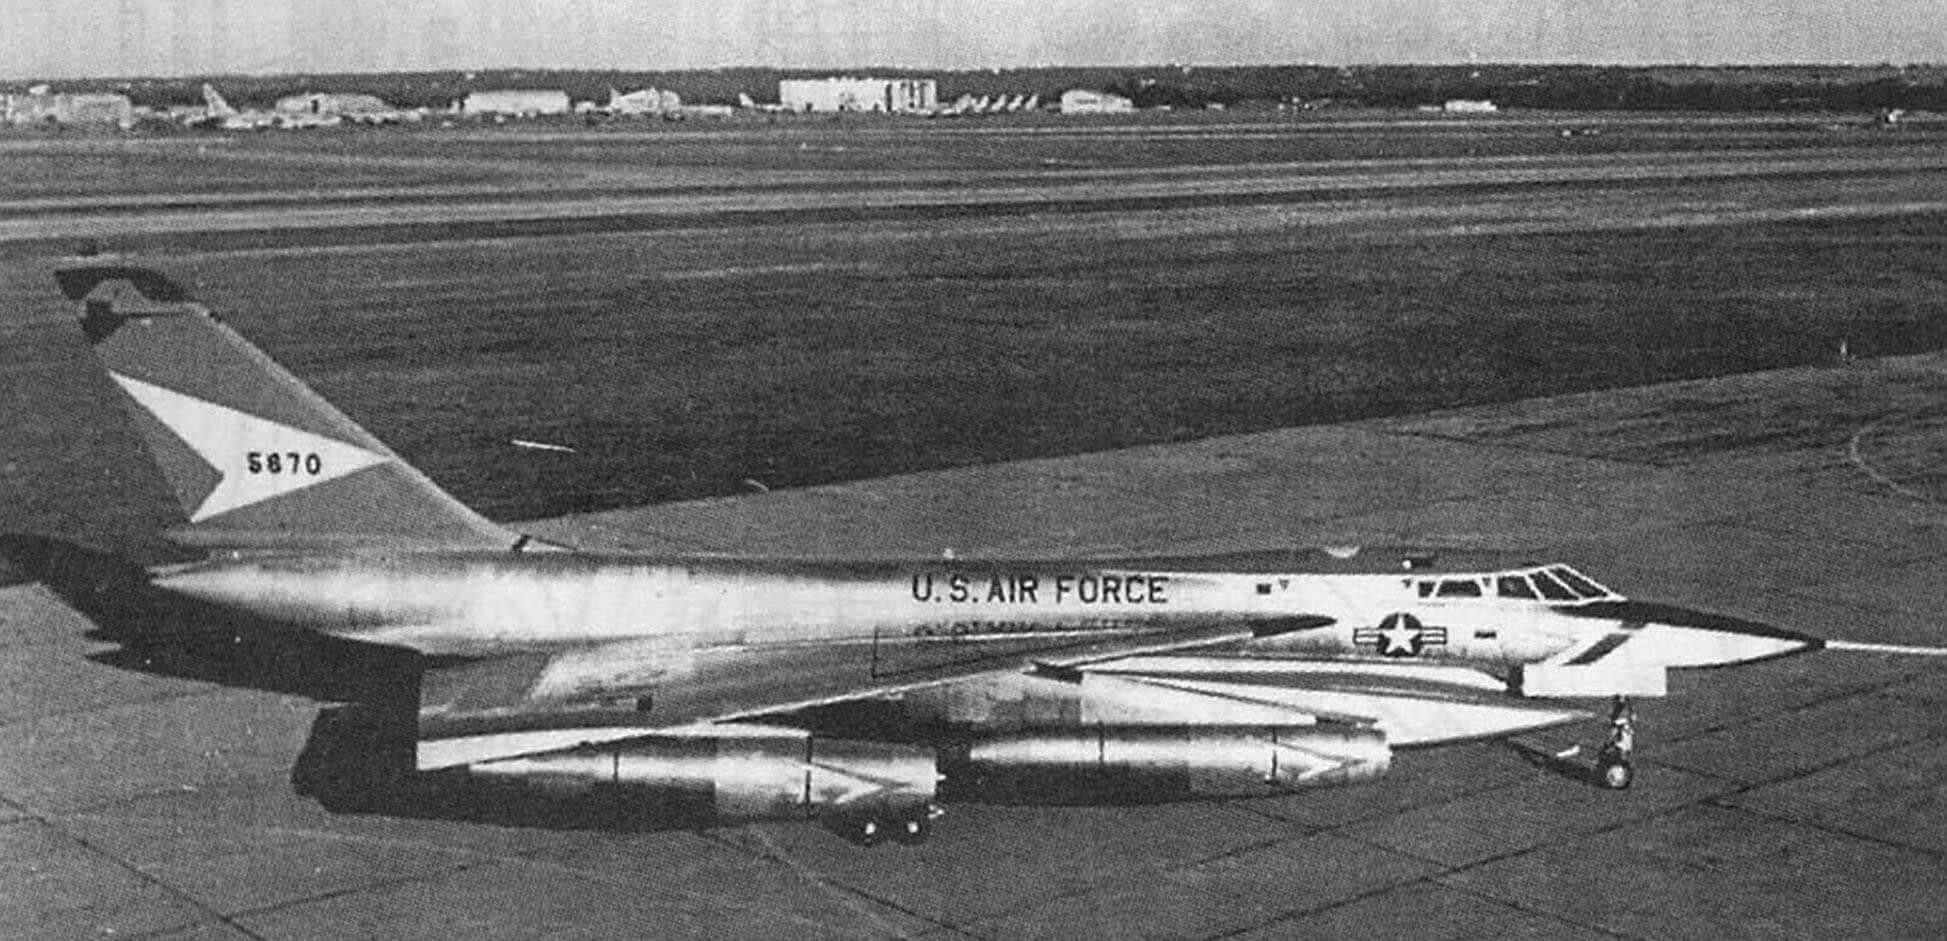 РАКЕТНО-ЯДЕРНЫЙ УБИЙЦА (Сверхзвуковой стратегический бомбардировщик C0NVAIR В-58 HUSTLER)